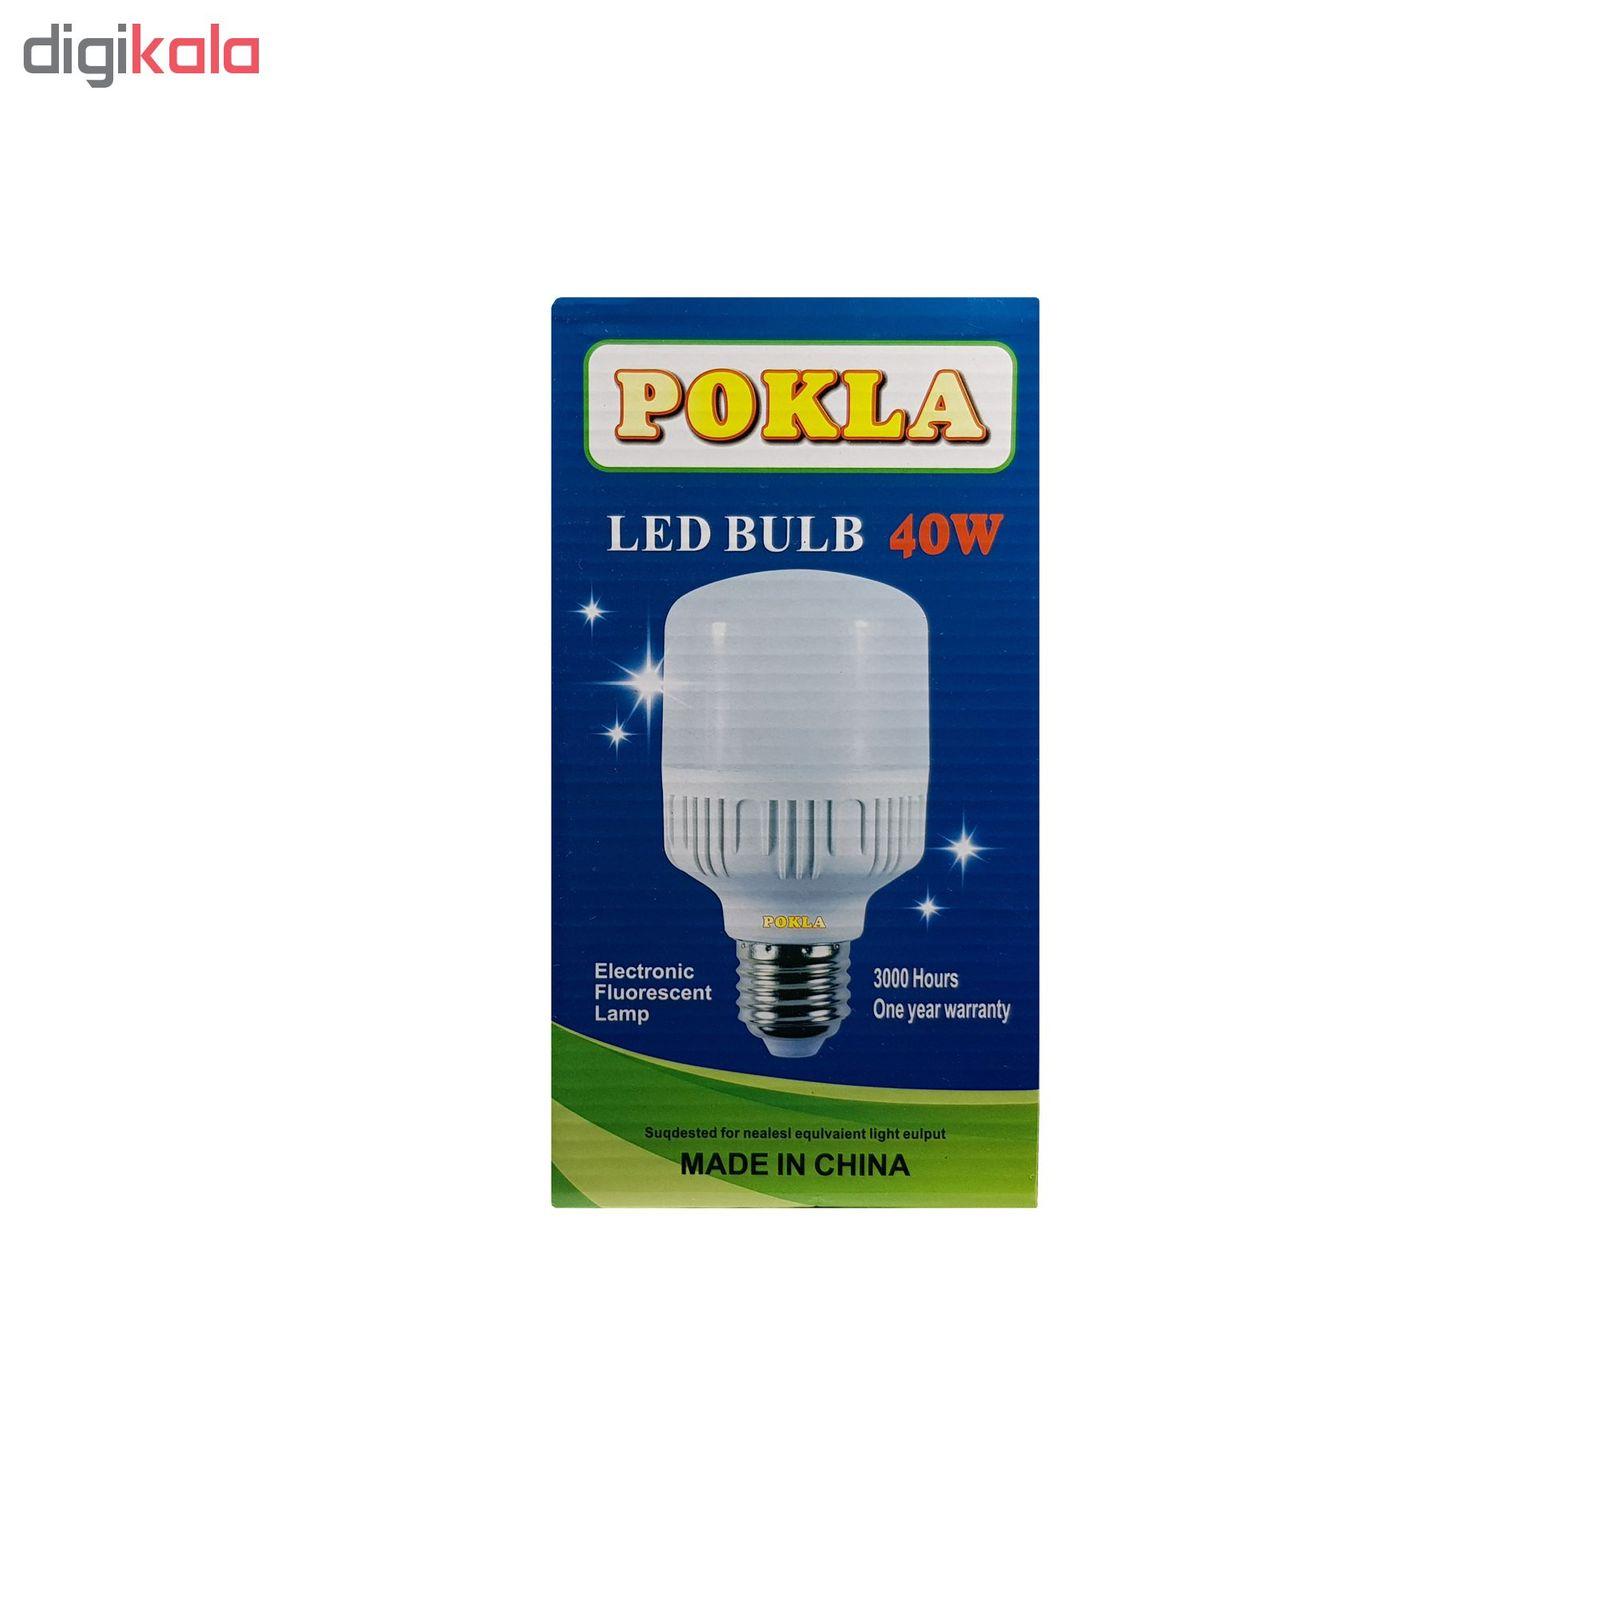 لامپ ال ای دی 40 وات پوکلا کد SH_4040  main 1 2